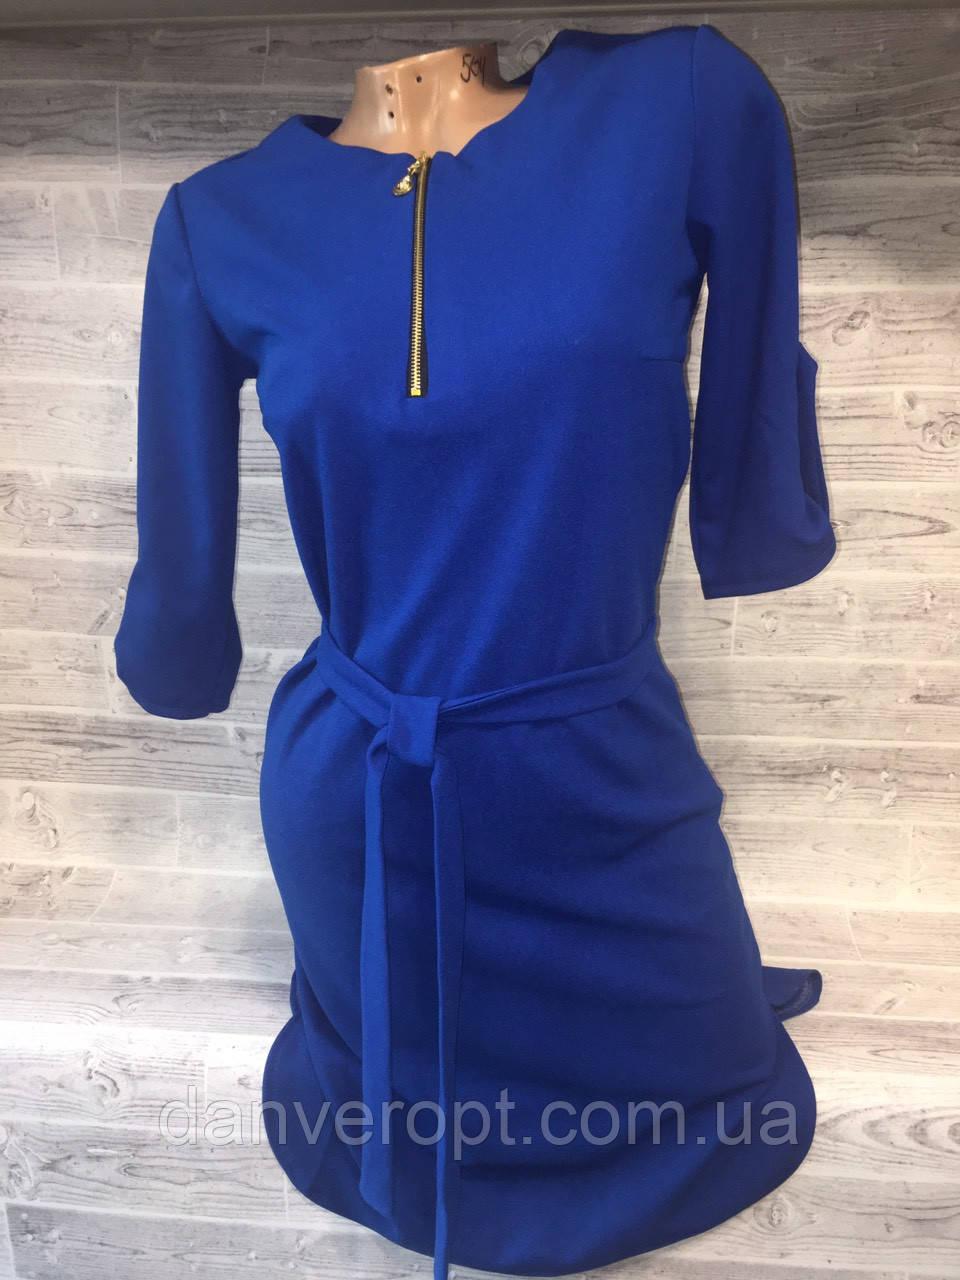 40078b49a7c Платье женское стильное размер 44-50 купить оптом со склада 7км Одесса